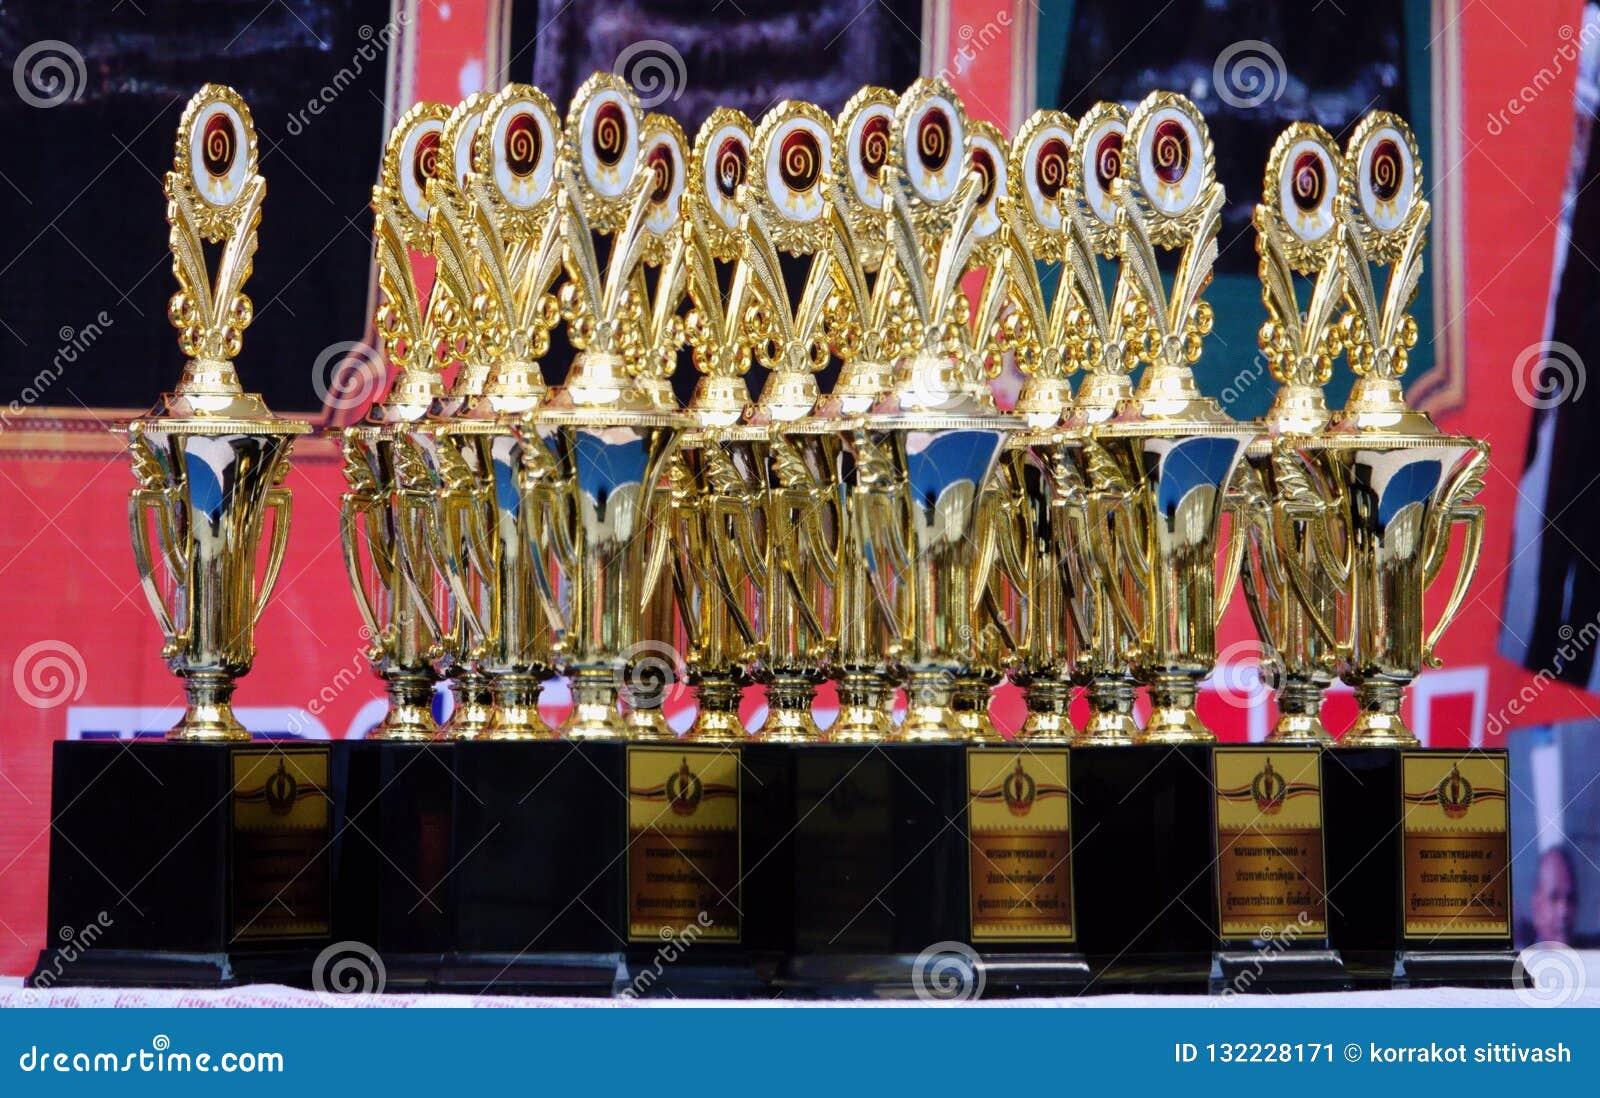 18-november-2018 LATKABANG THAÏLANDE Trophée d or Préparez-vous à la personne douée et gagnez le travail